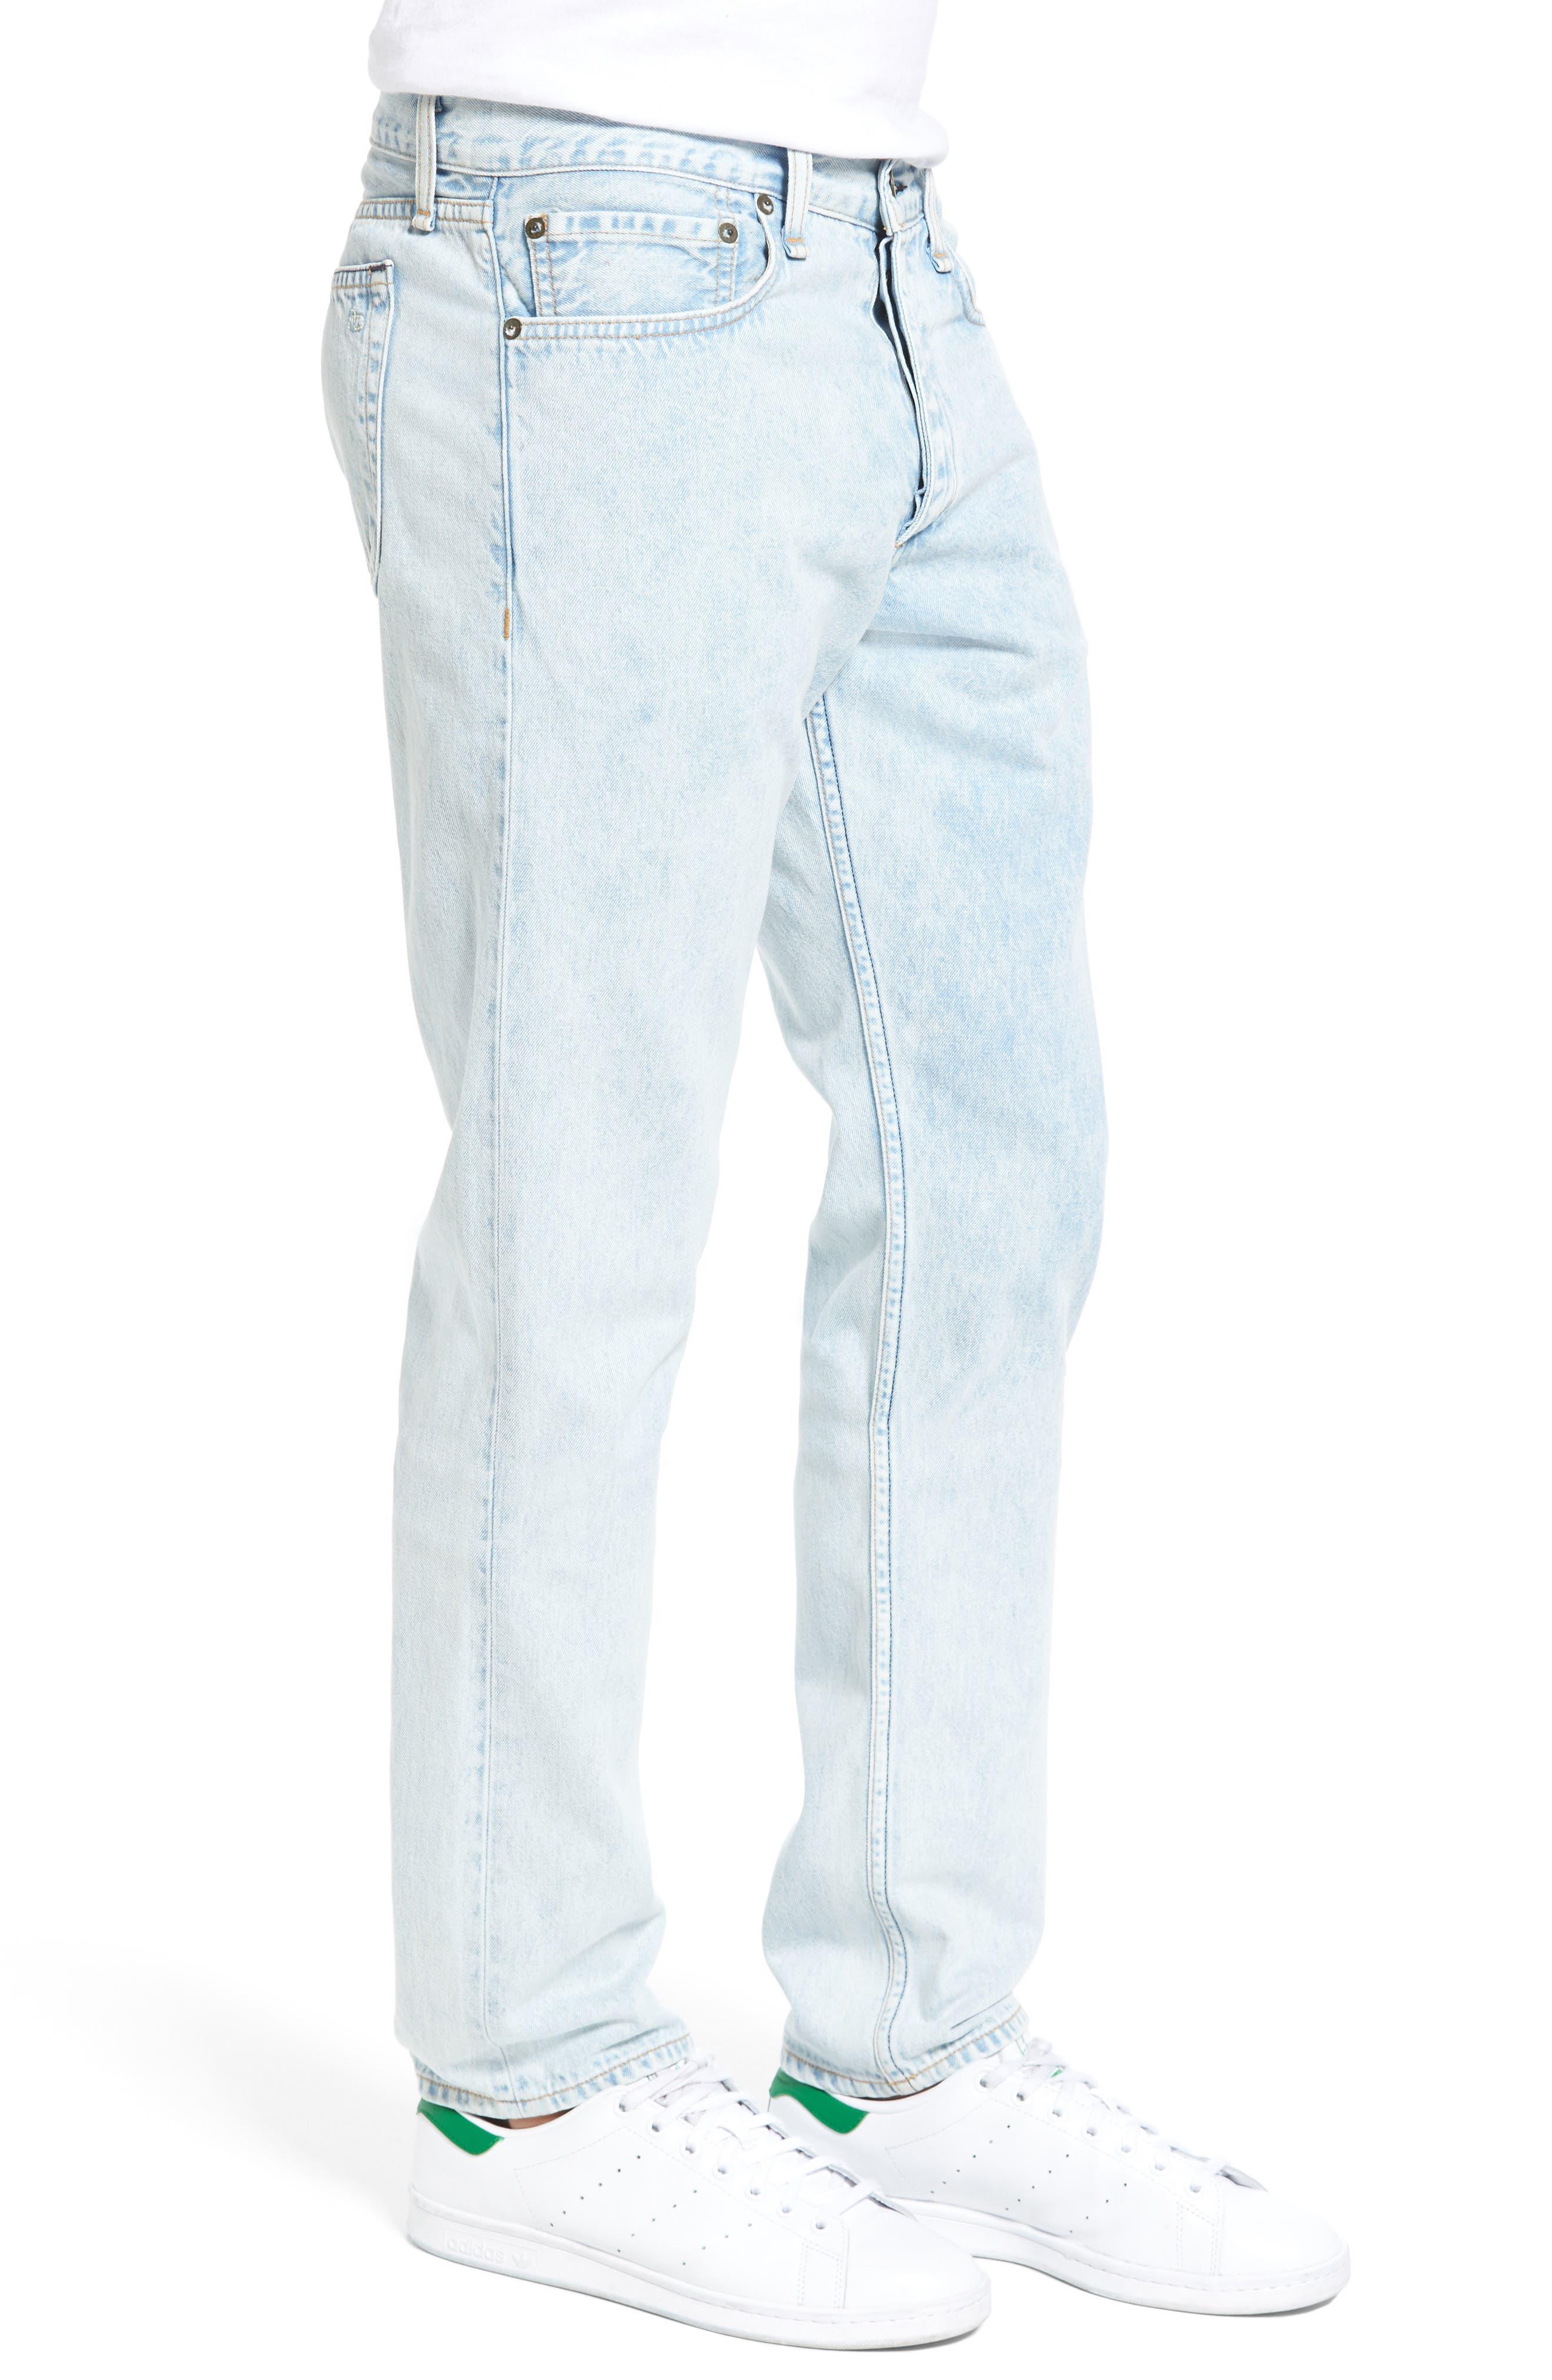 Lennox Skinny Fit Pants,                             Alternate thumbnail 3, color,                             020